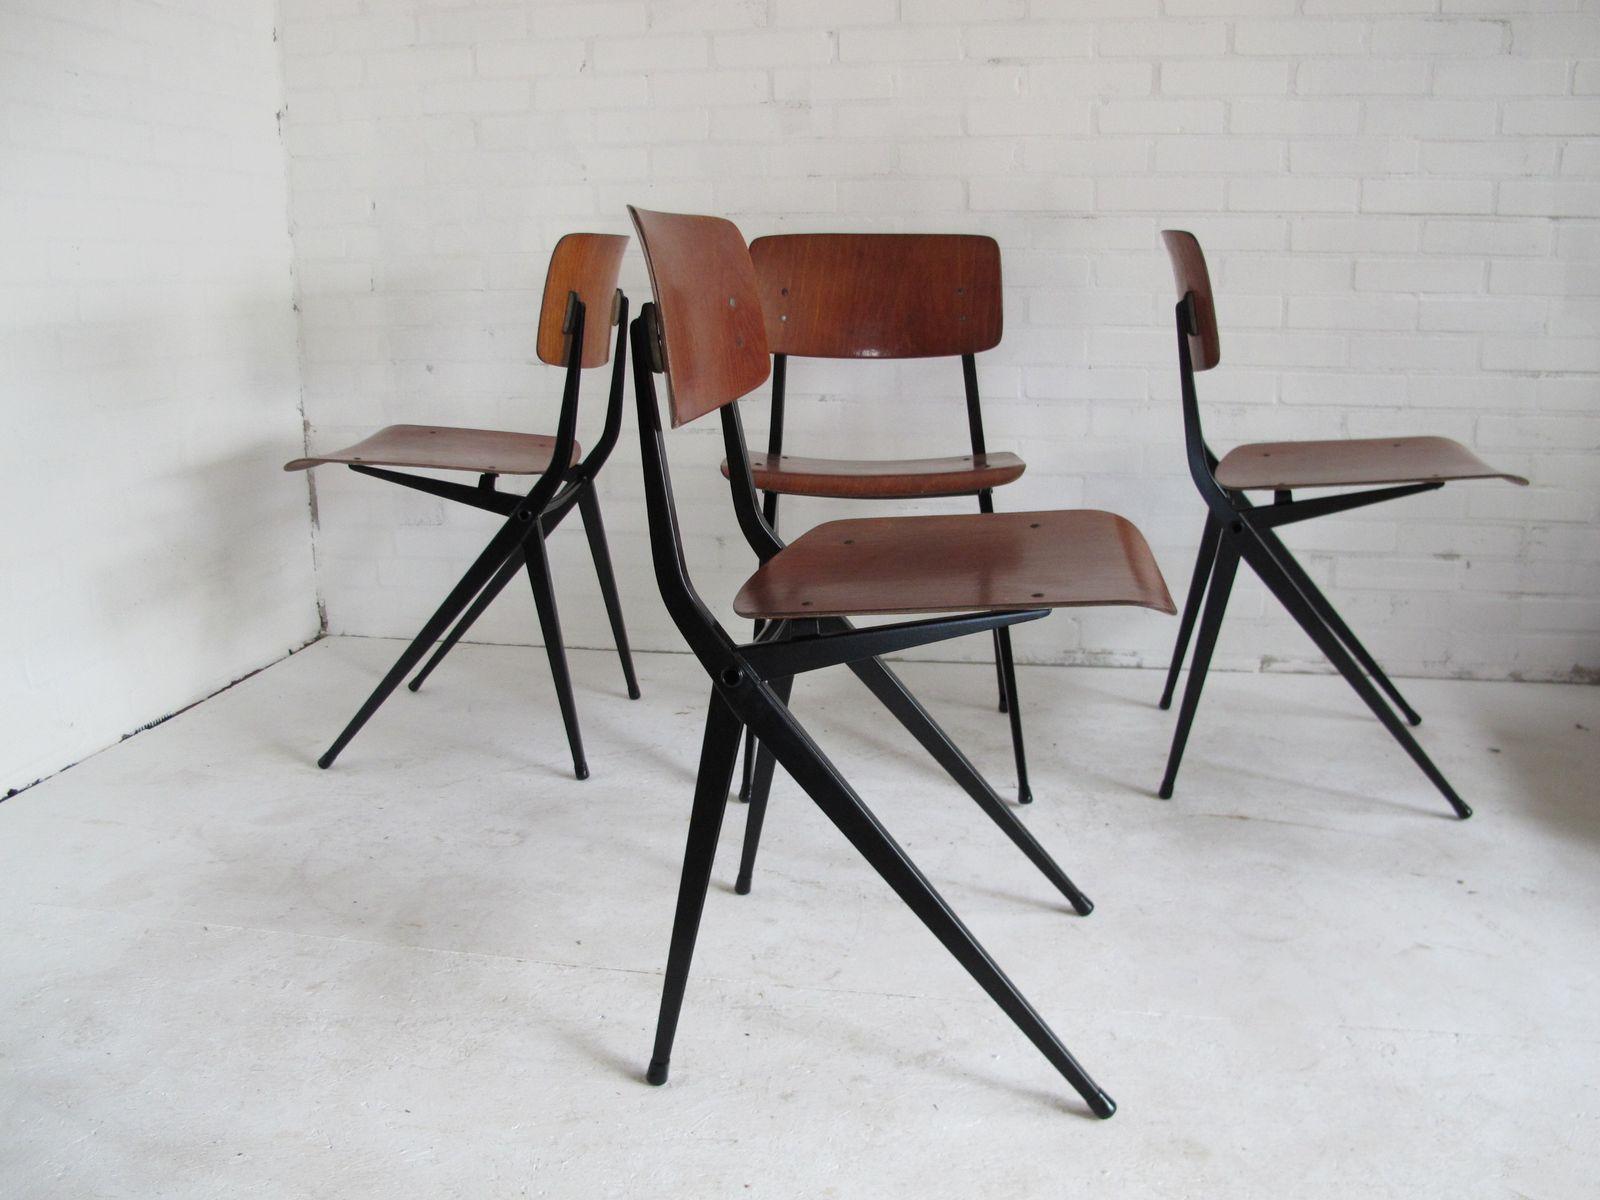 chaises industrielles par ynske kooistra pour marko 1960s set de 4 en vente sur pamono. Black Bedroom Furniture Sets. Home Design Ideas